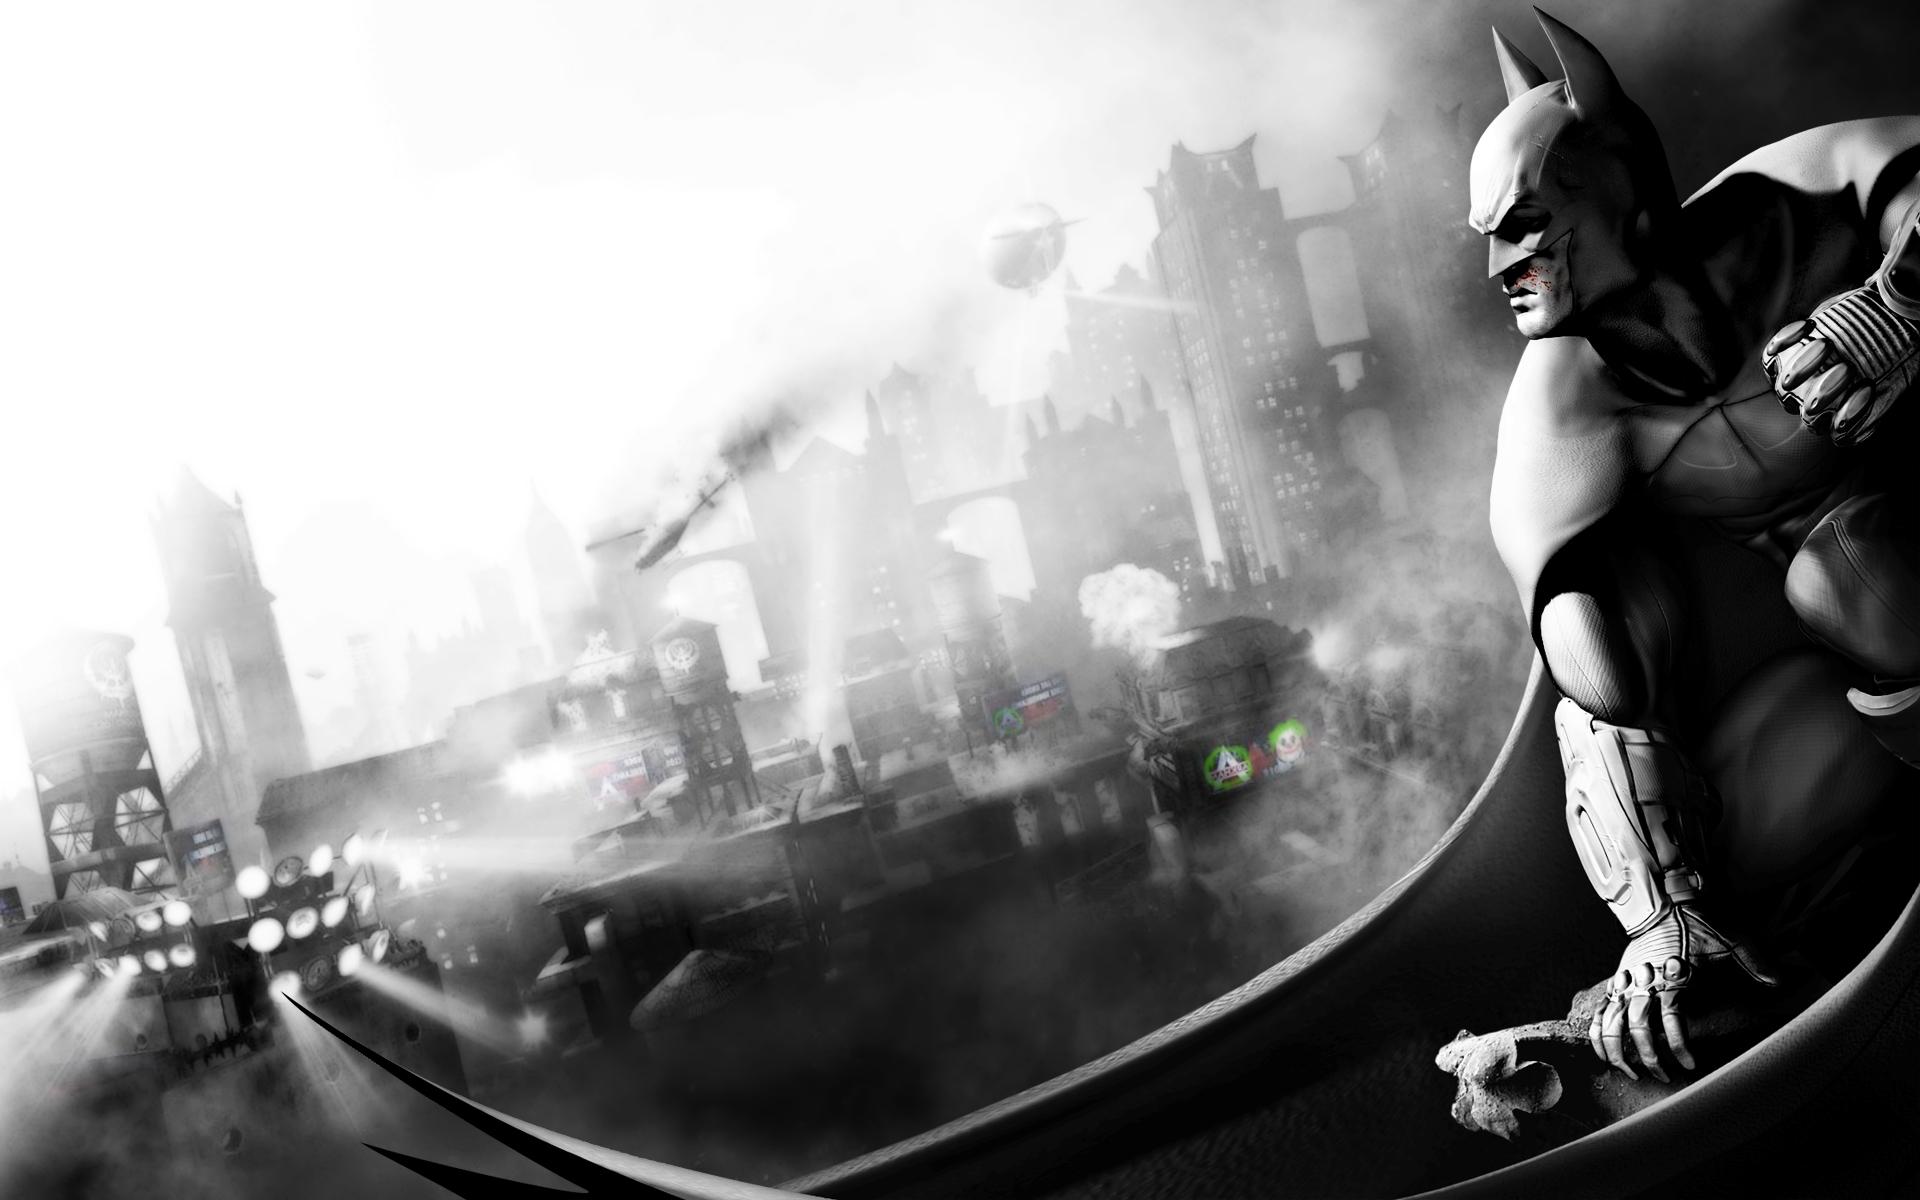 Free Download Batman Arkham City Wallpaper Hd 2 4f3d73577af2e